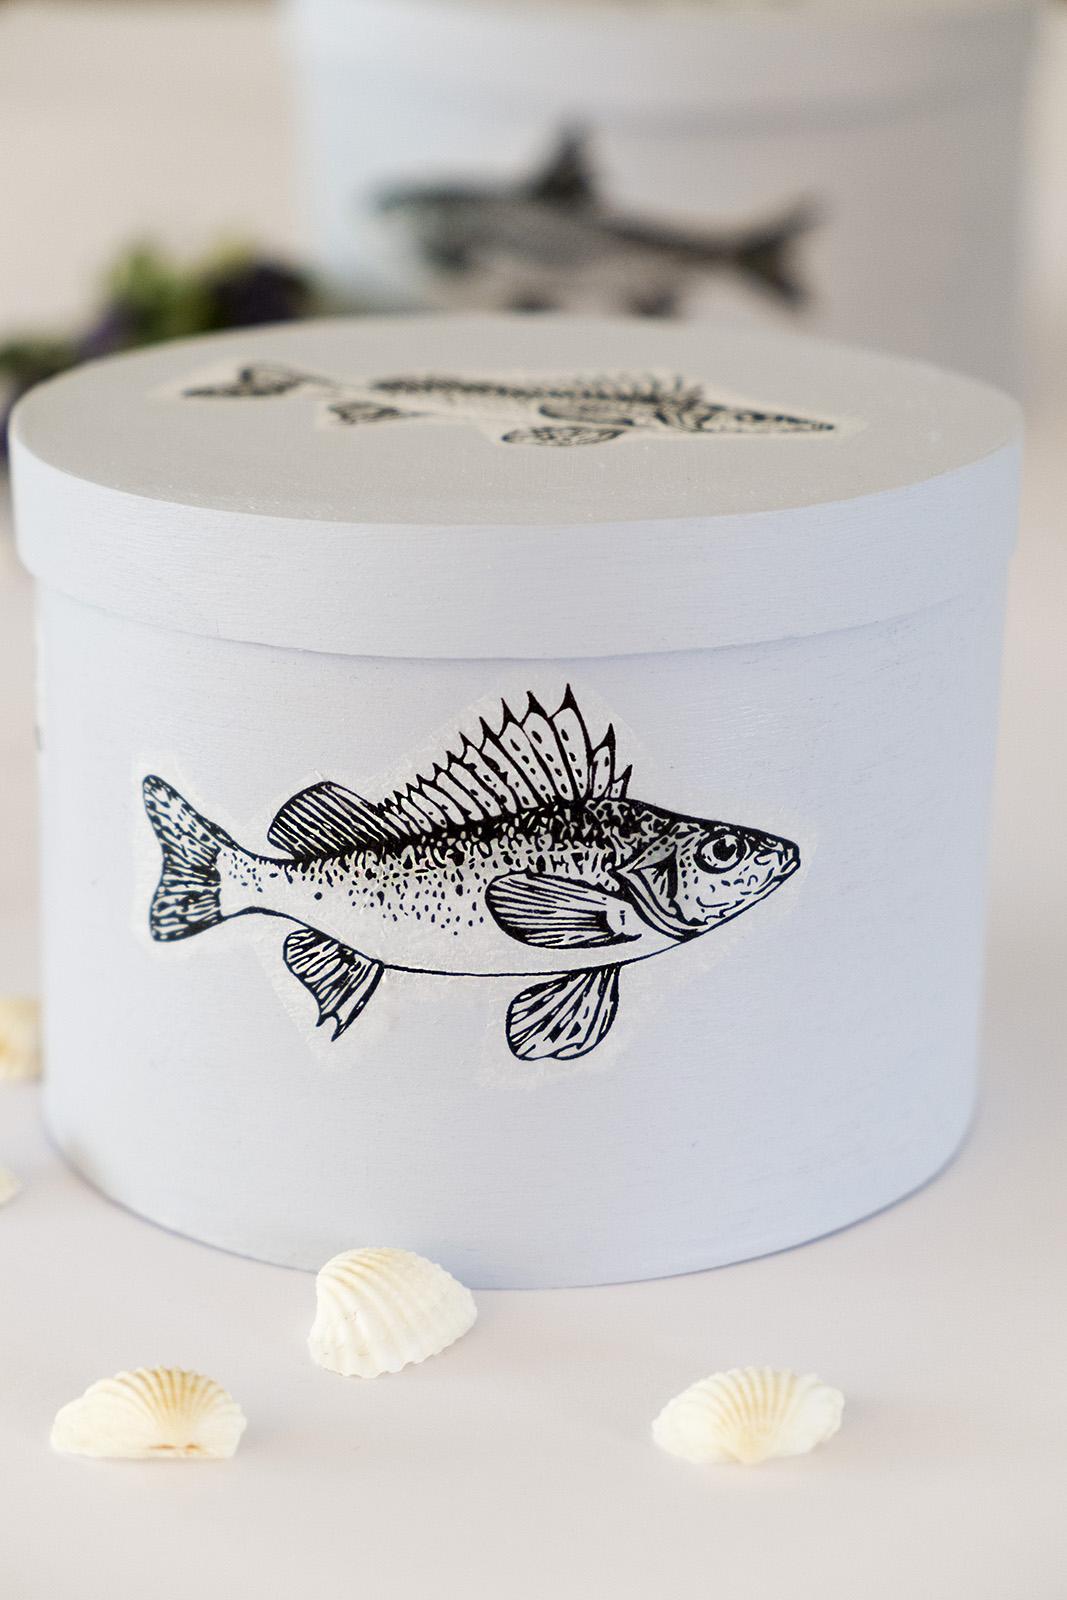 decoratie dozen met vissen, decoupage.